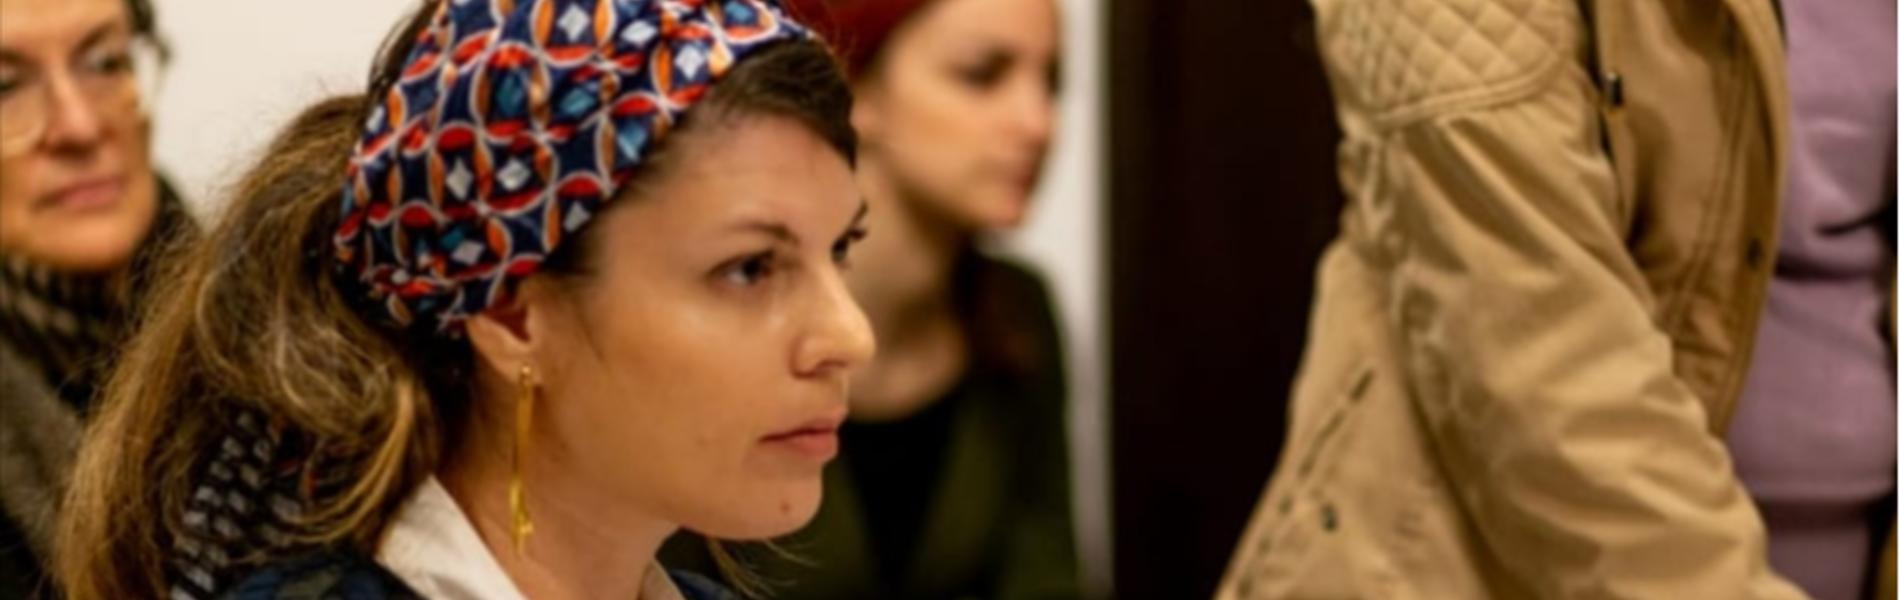 'מתיר העגונות' הגרסה האמתית: האישה שמצילה נשים מסורבות גט